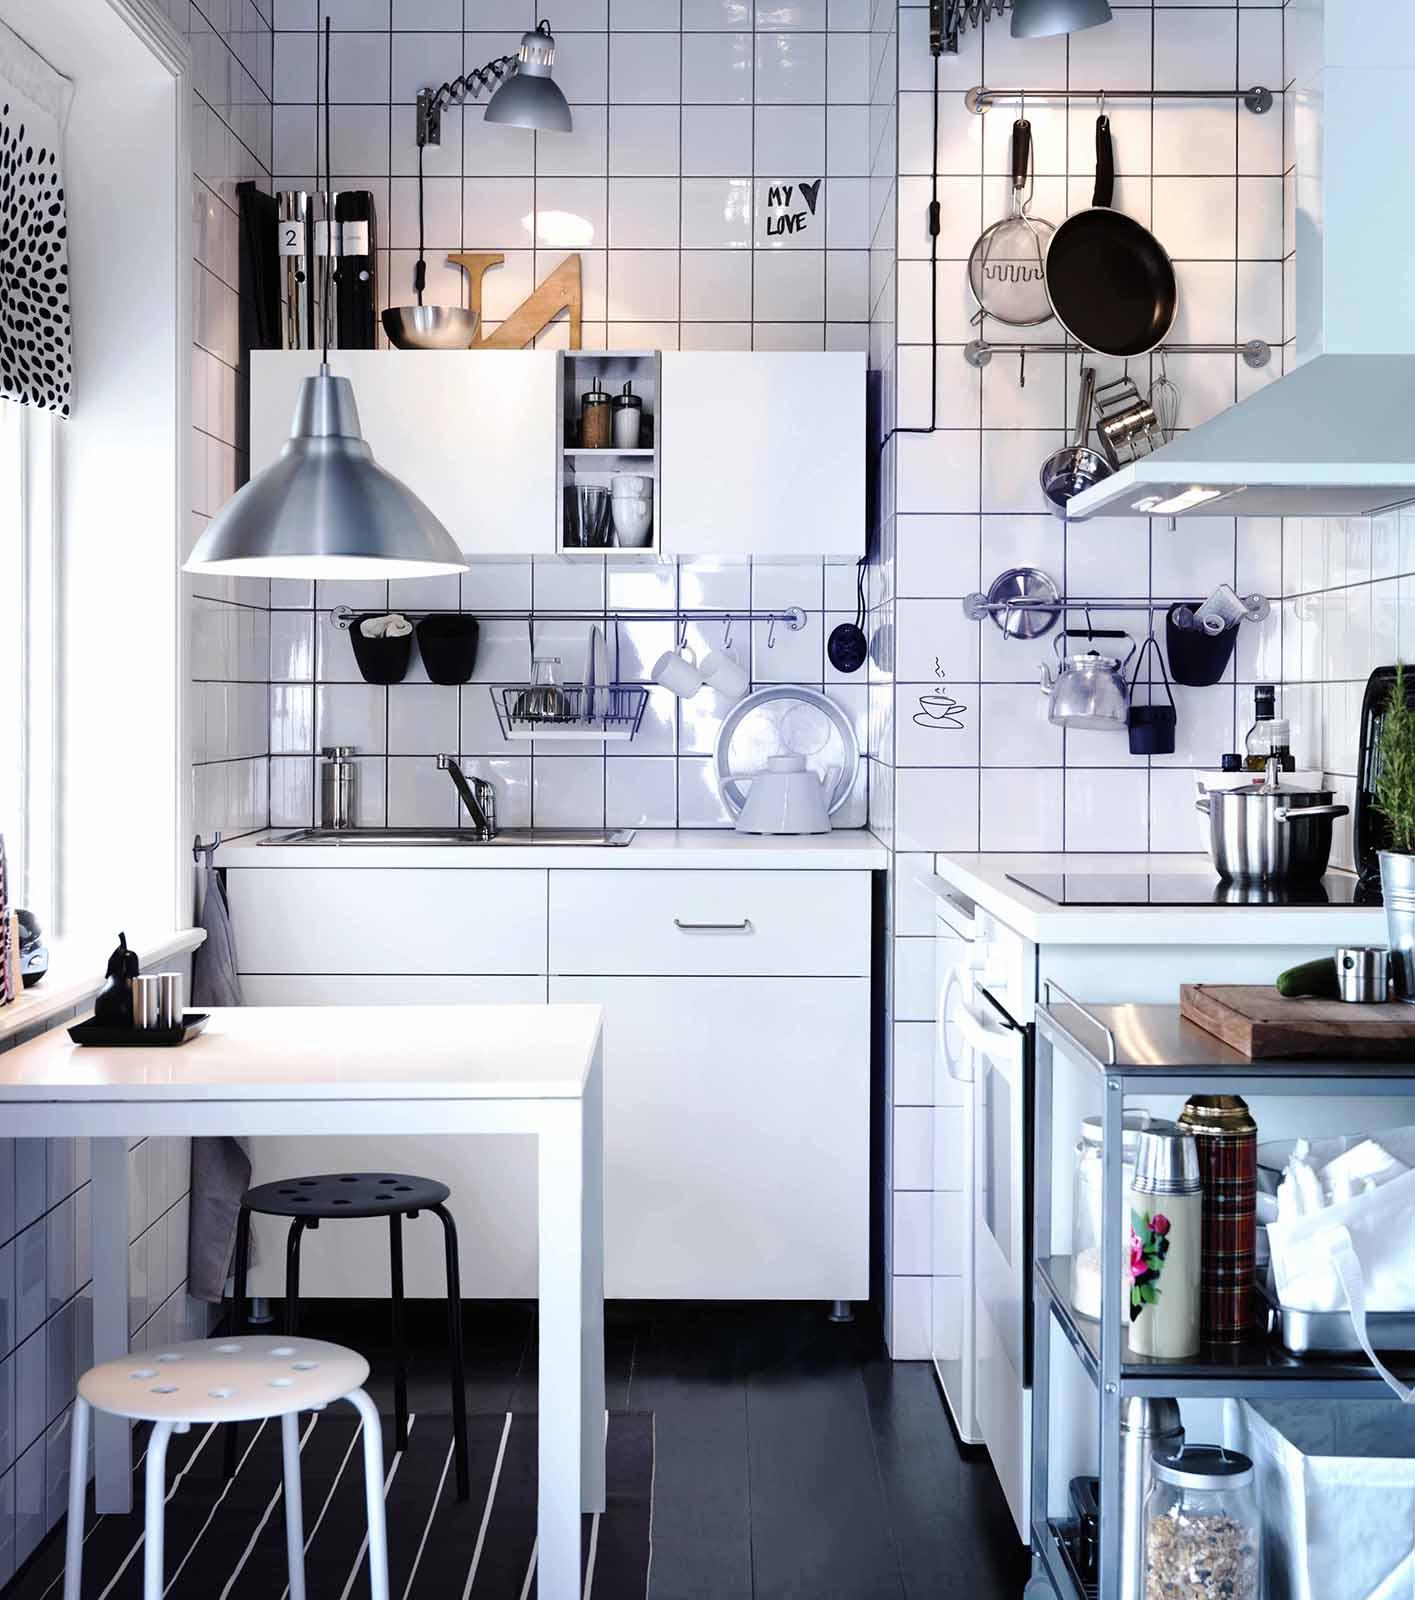 Di Dinding Dapur Dari Atas Untuk Menerangi Lampu Sorot Adjule Dengan Dukungan Tray Ruang Kerja Pantograph Dan Gantung Tenang Ikea Cahaya Langsung